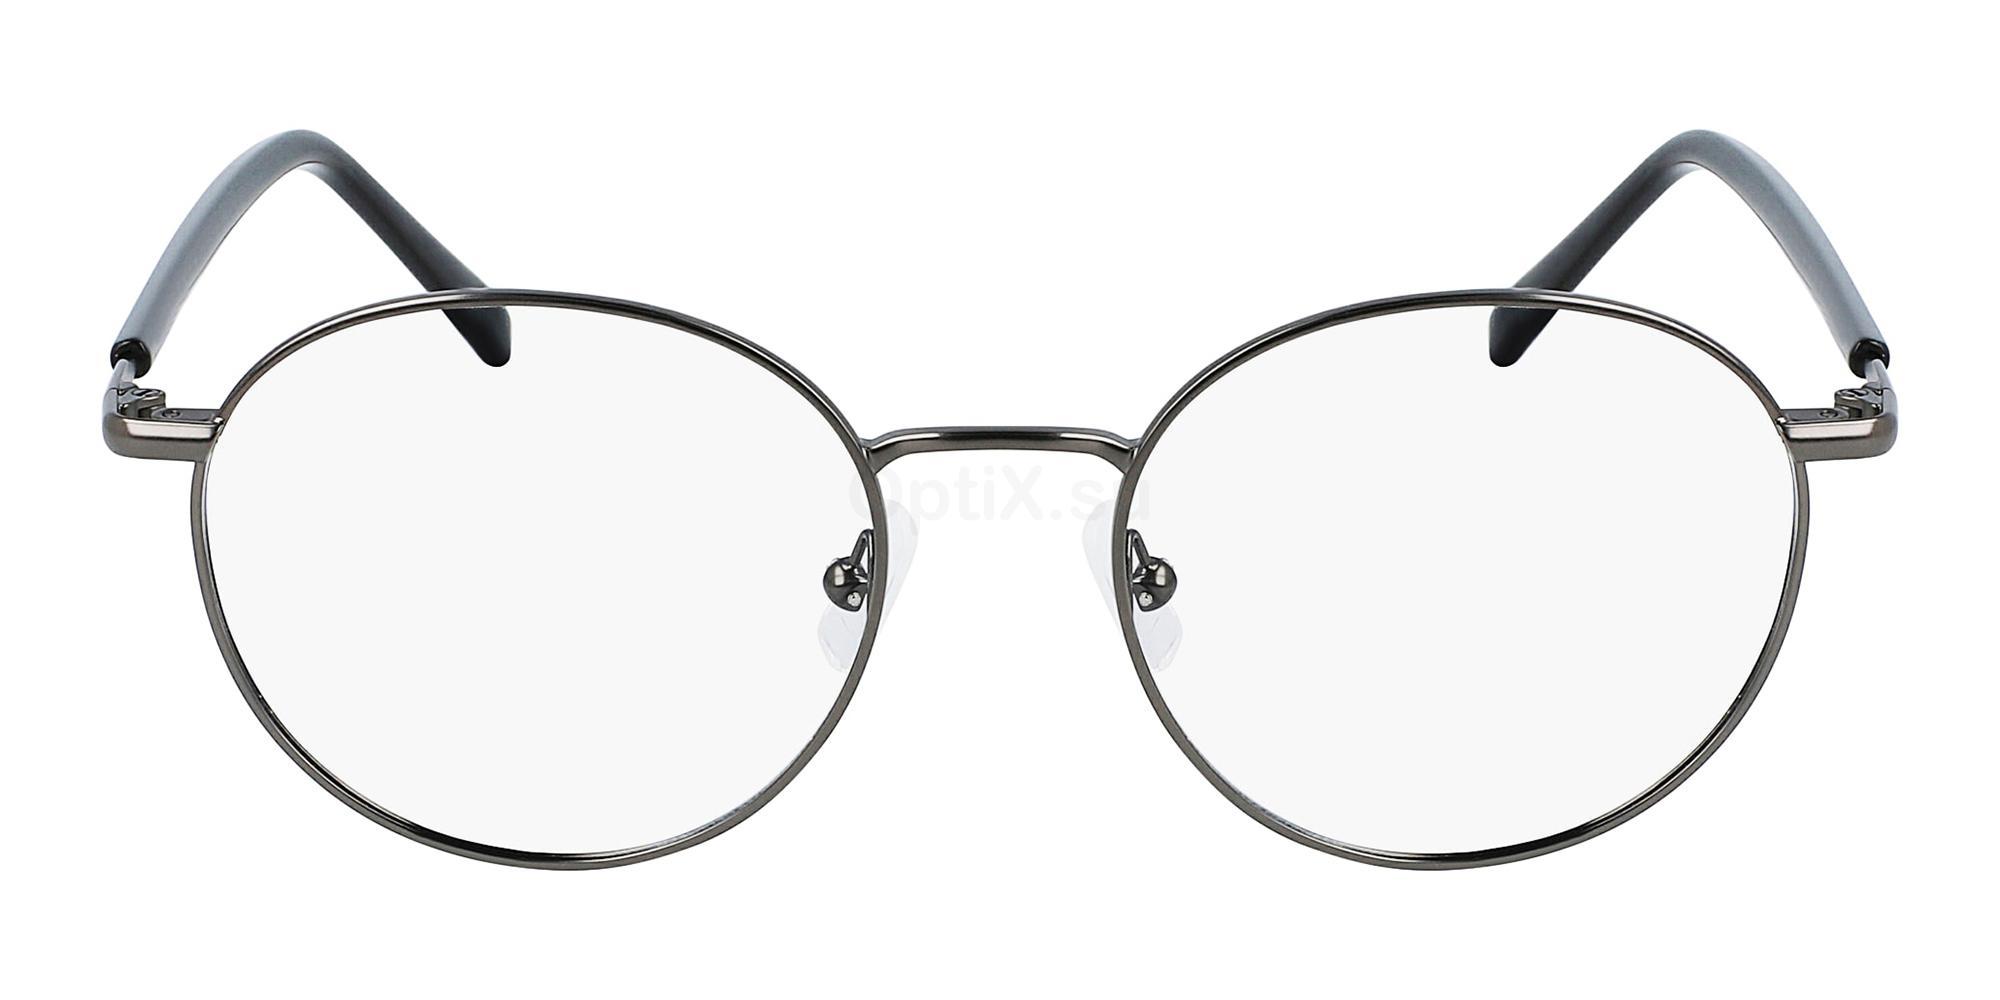 033 M-8003 Glasses, Marchon